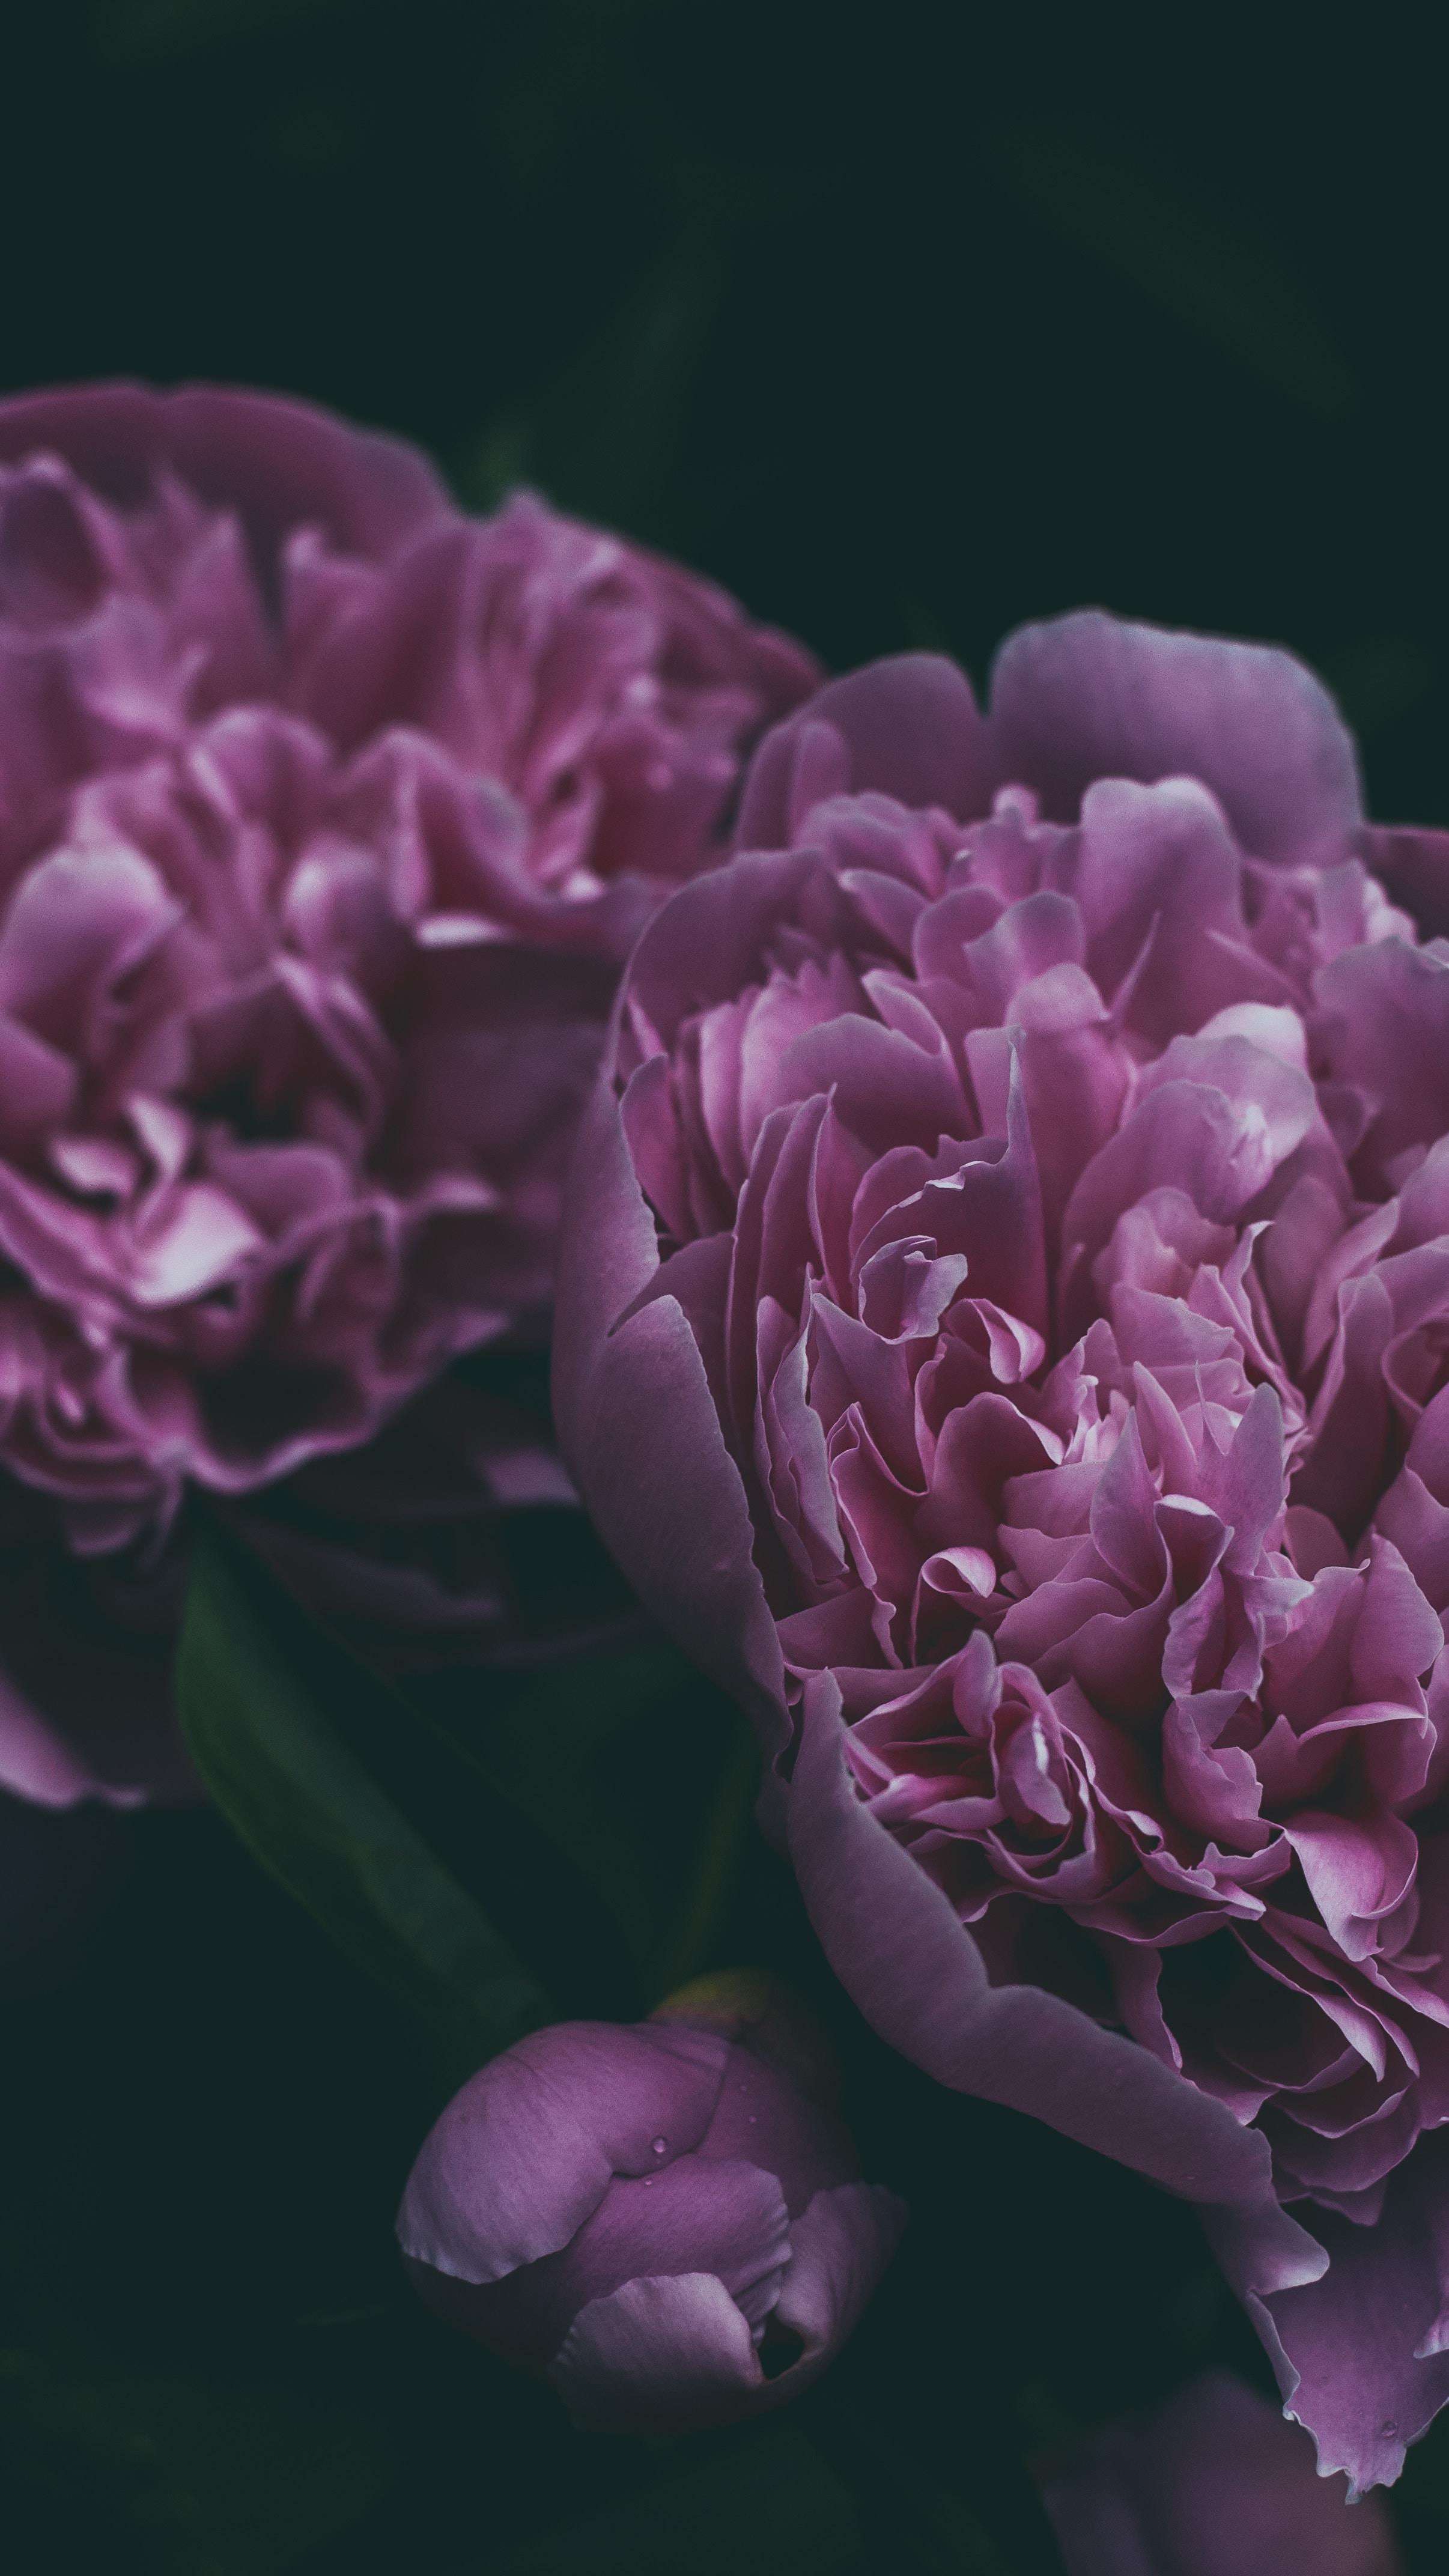 88687 скачать обои Цветы, Пион, Цветок, Лепестки, Розовый, Цветение - заставки и картинки бесплатно